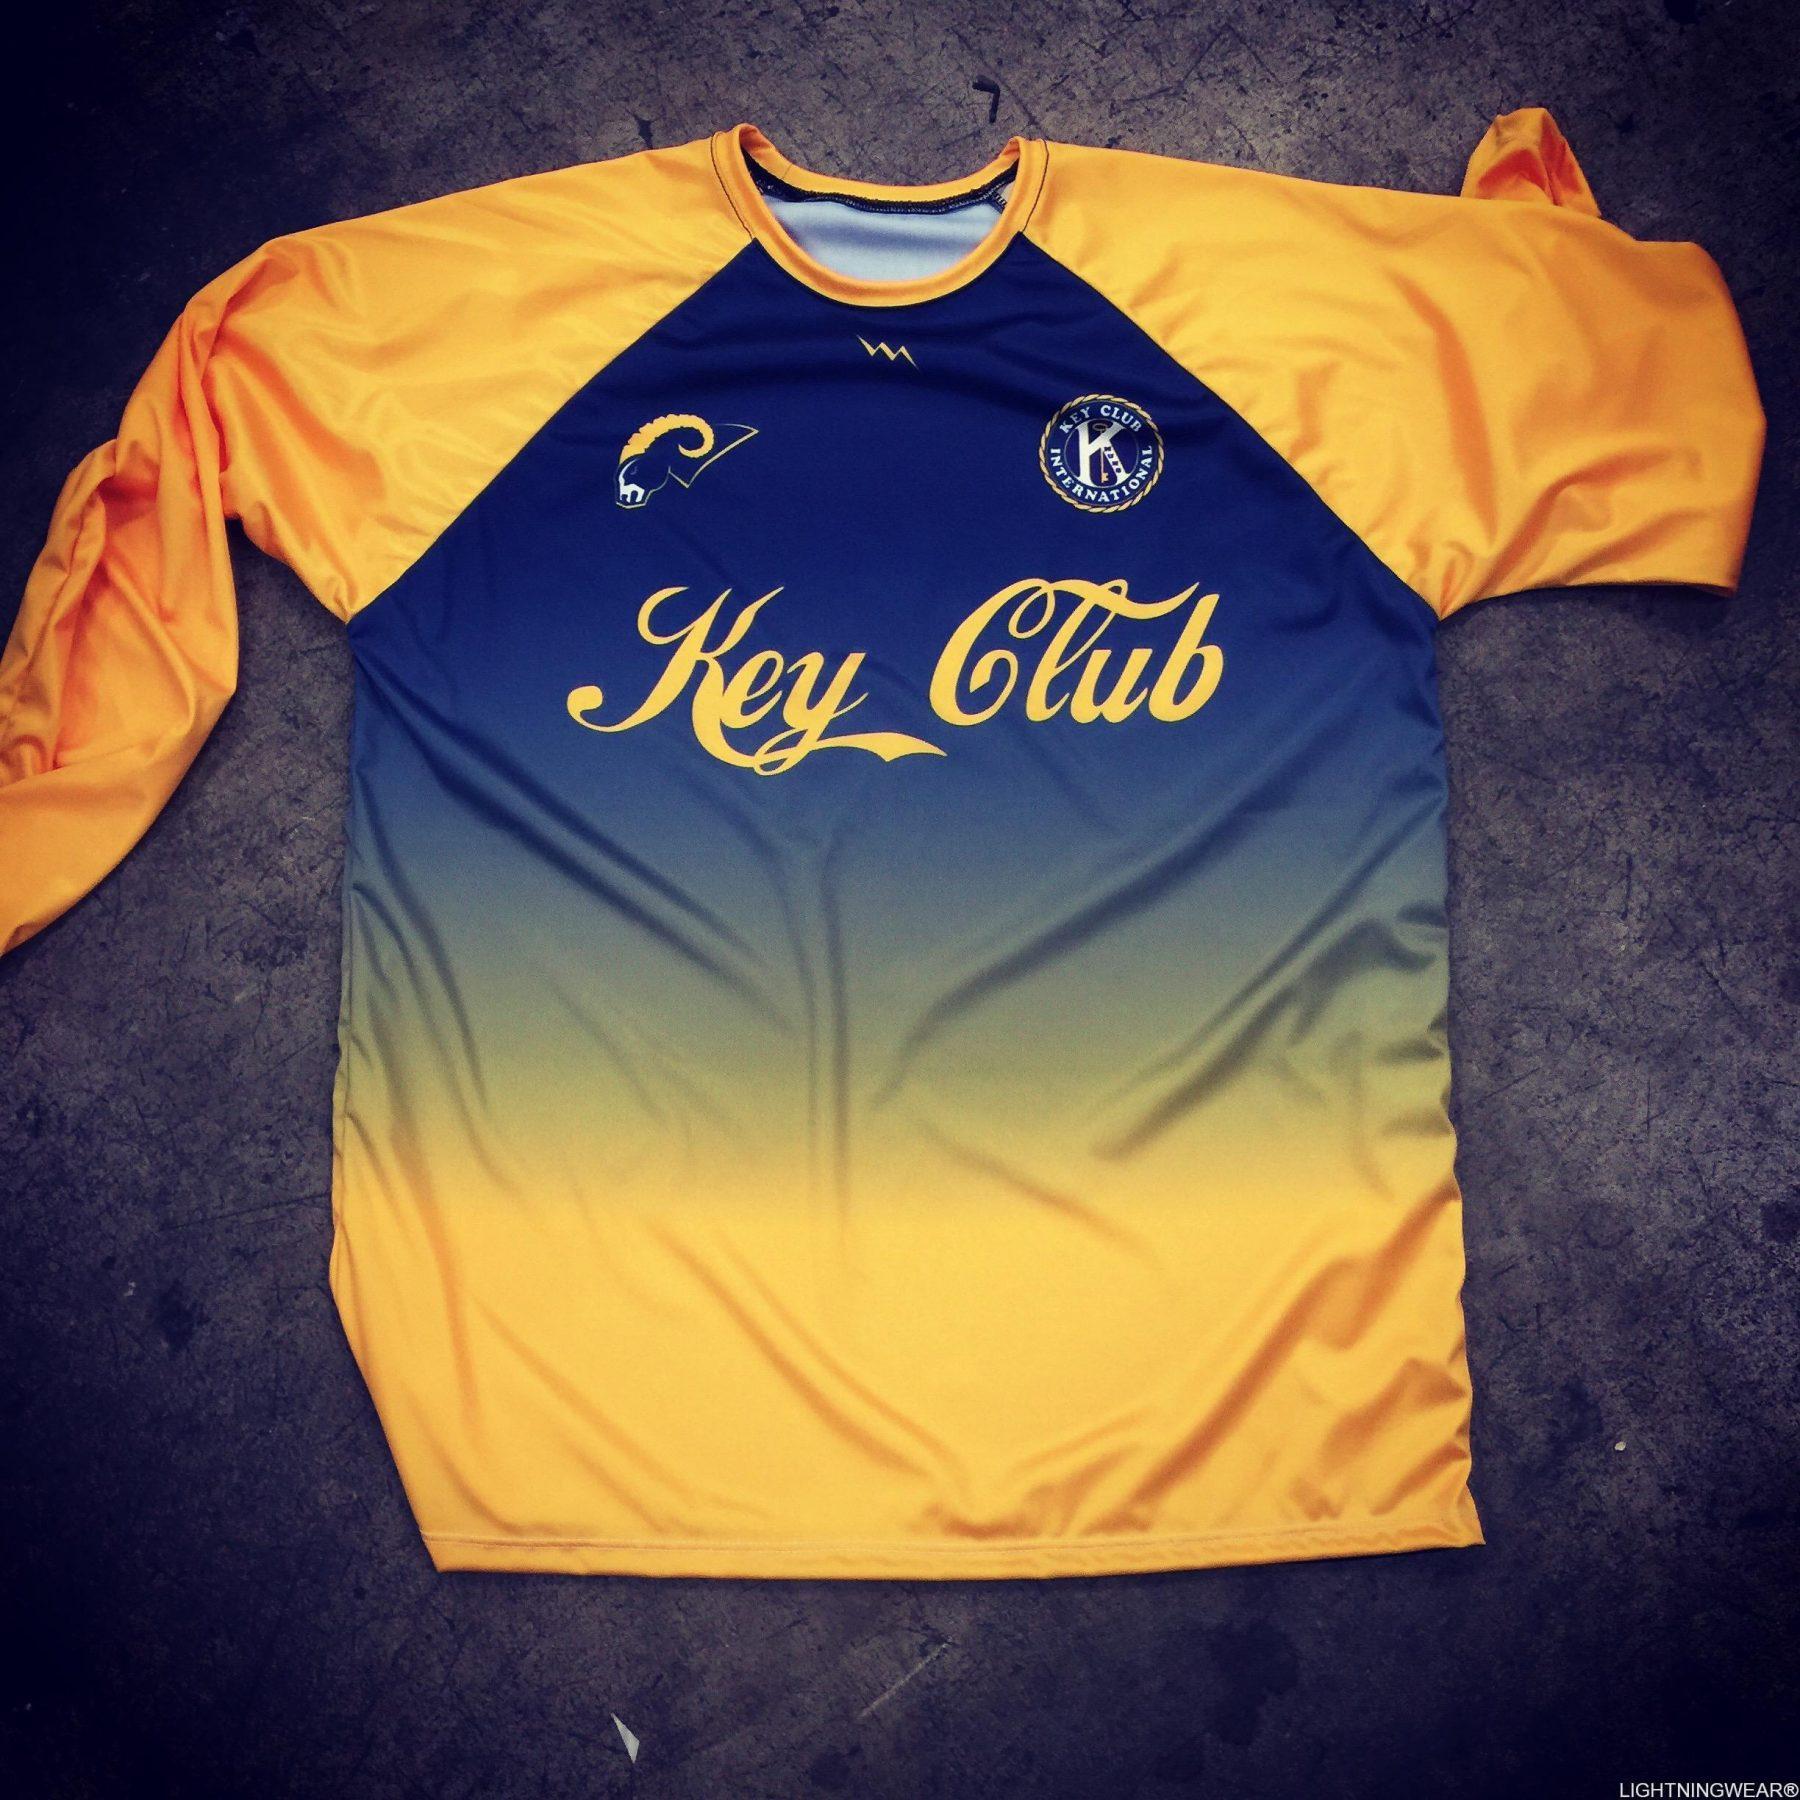 key club shirts